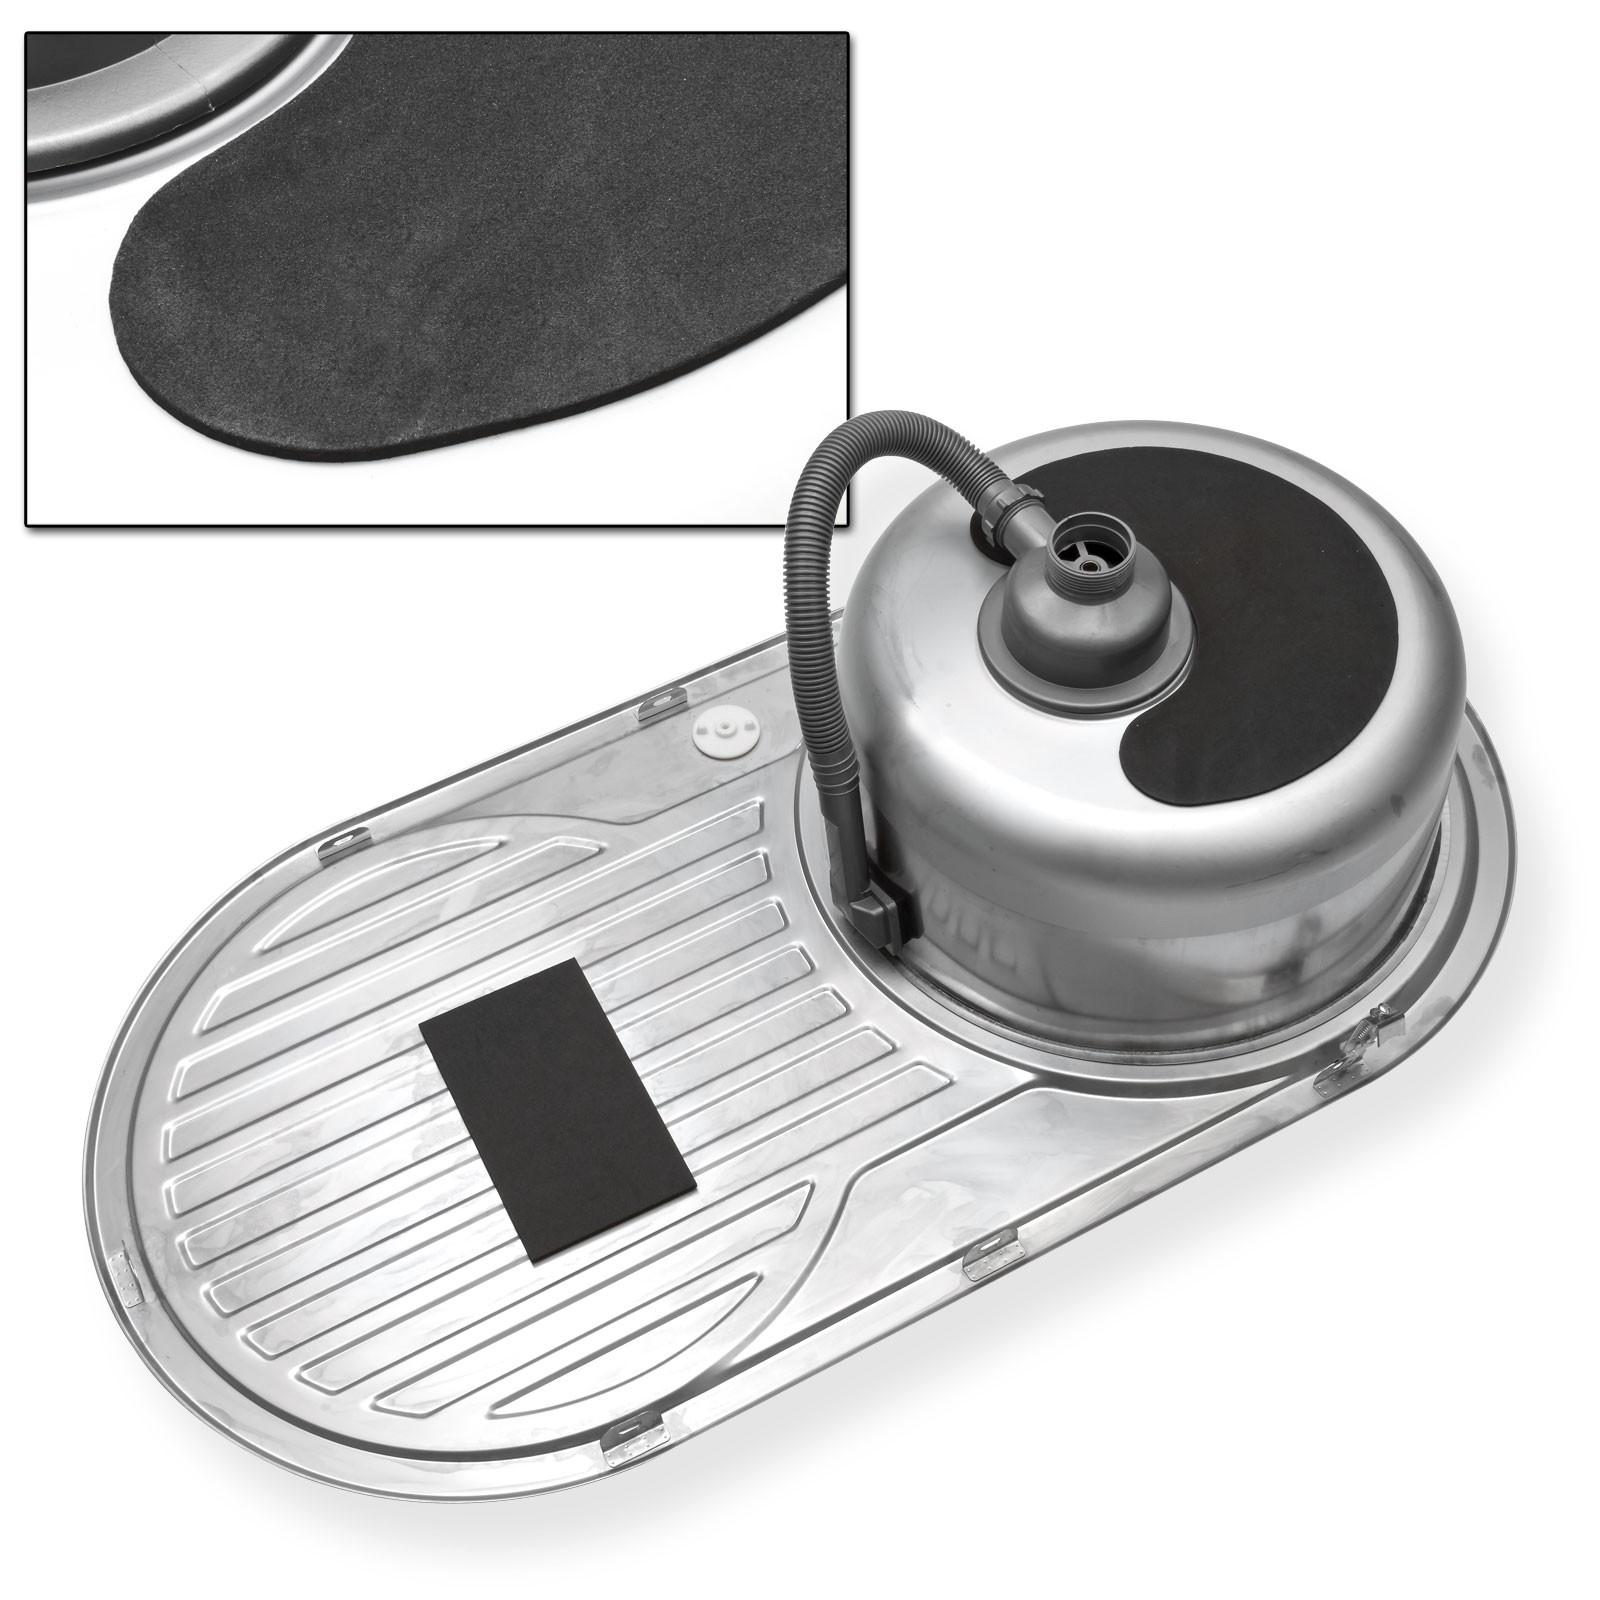 Edelstahl Waschbecken Spüle links Einbauspüle Spülbecken